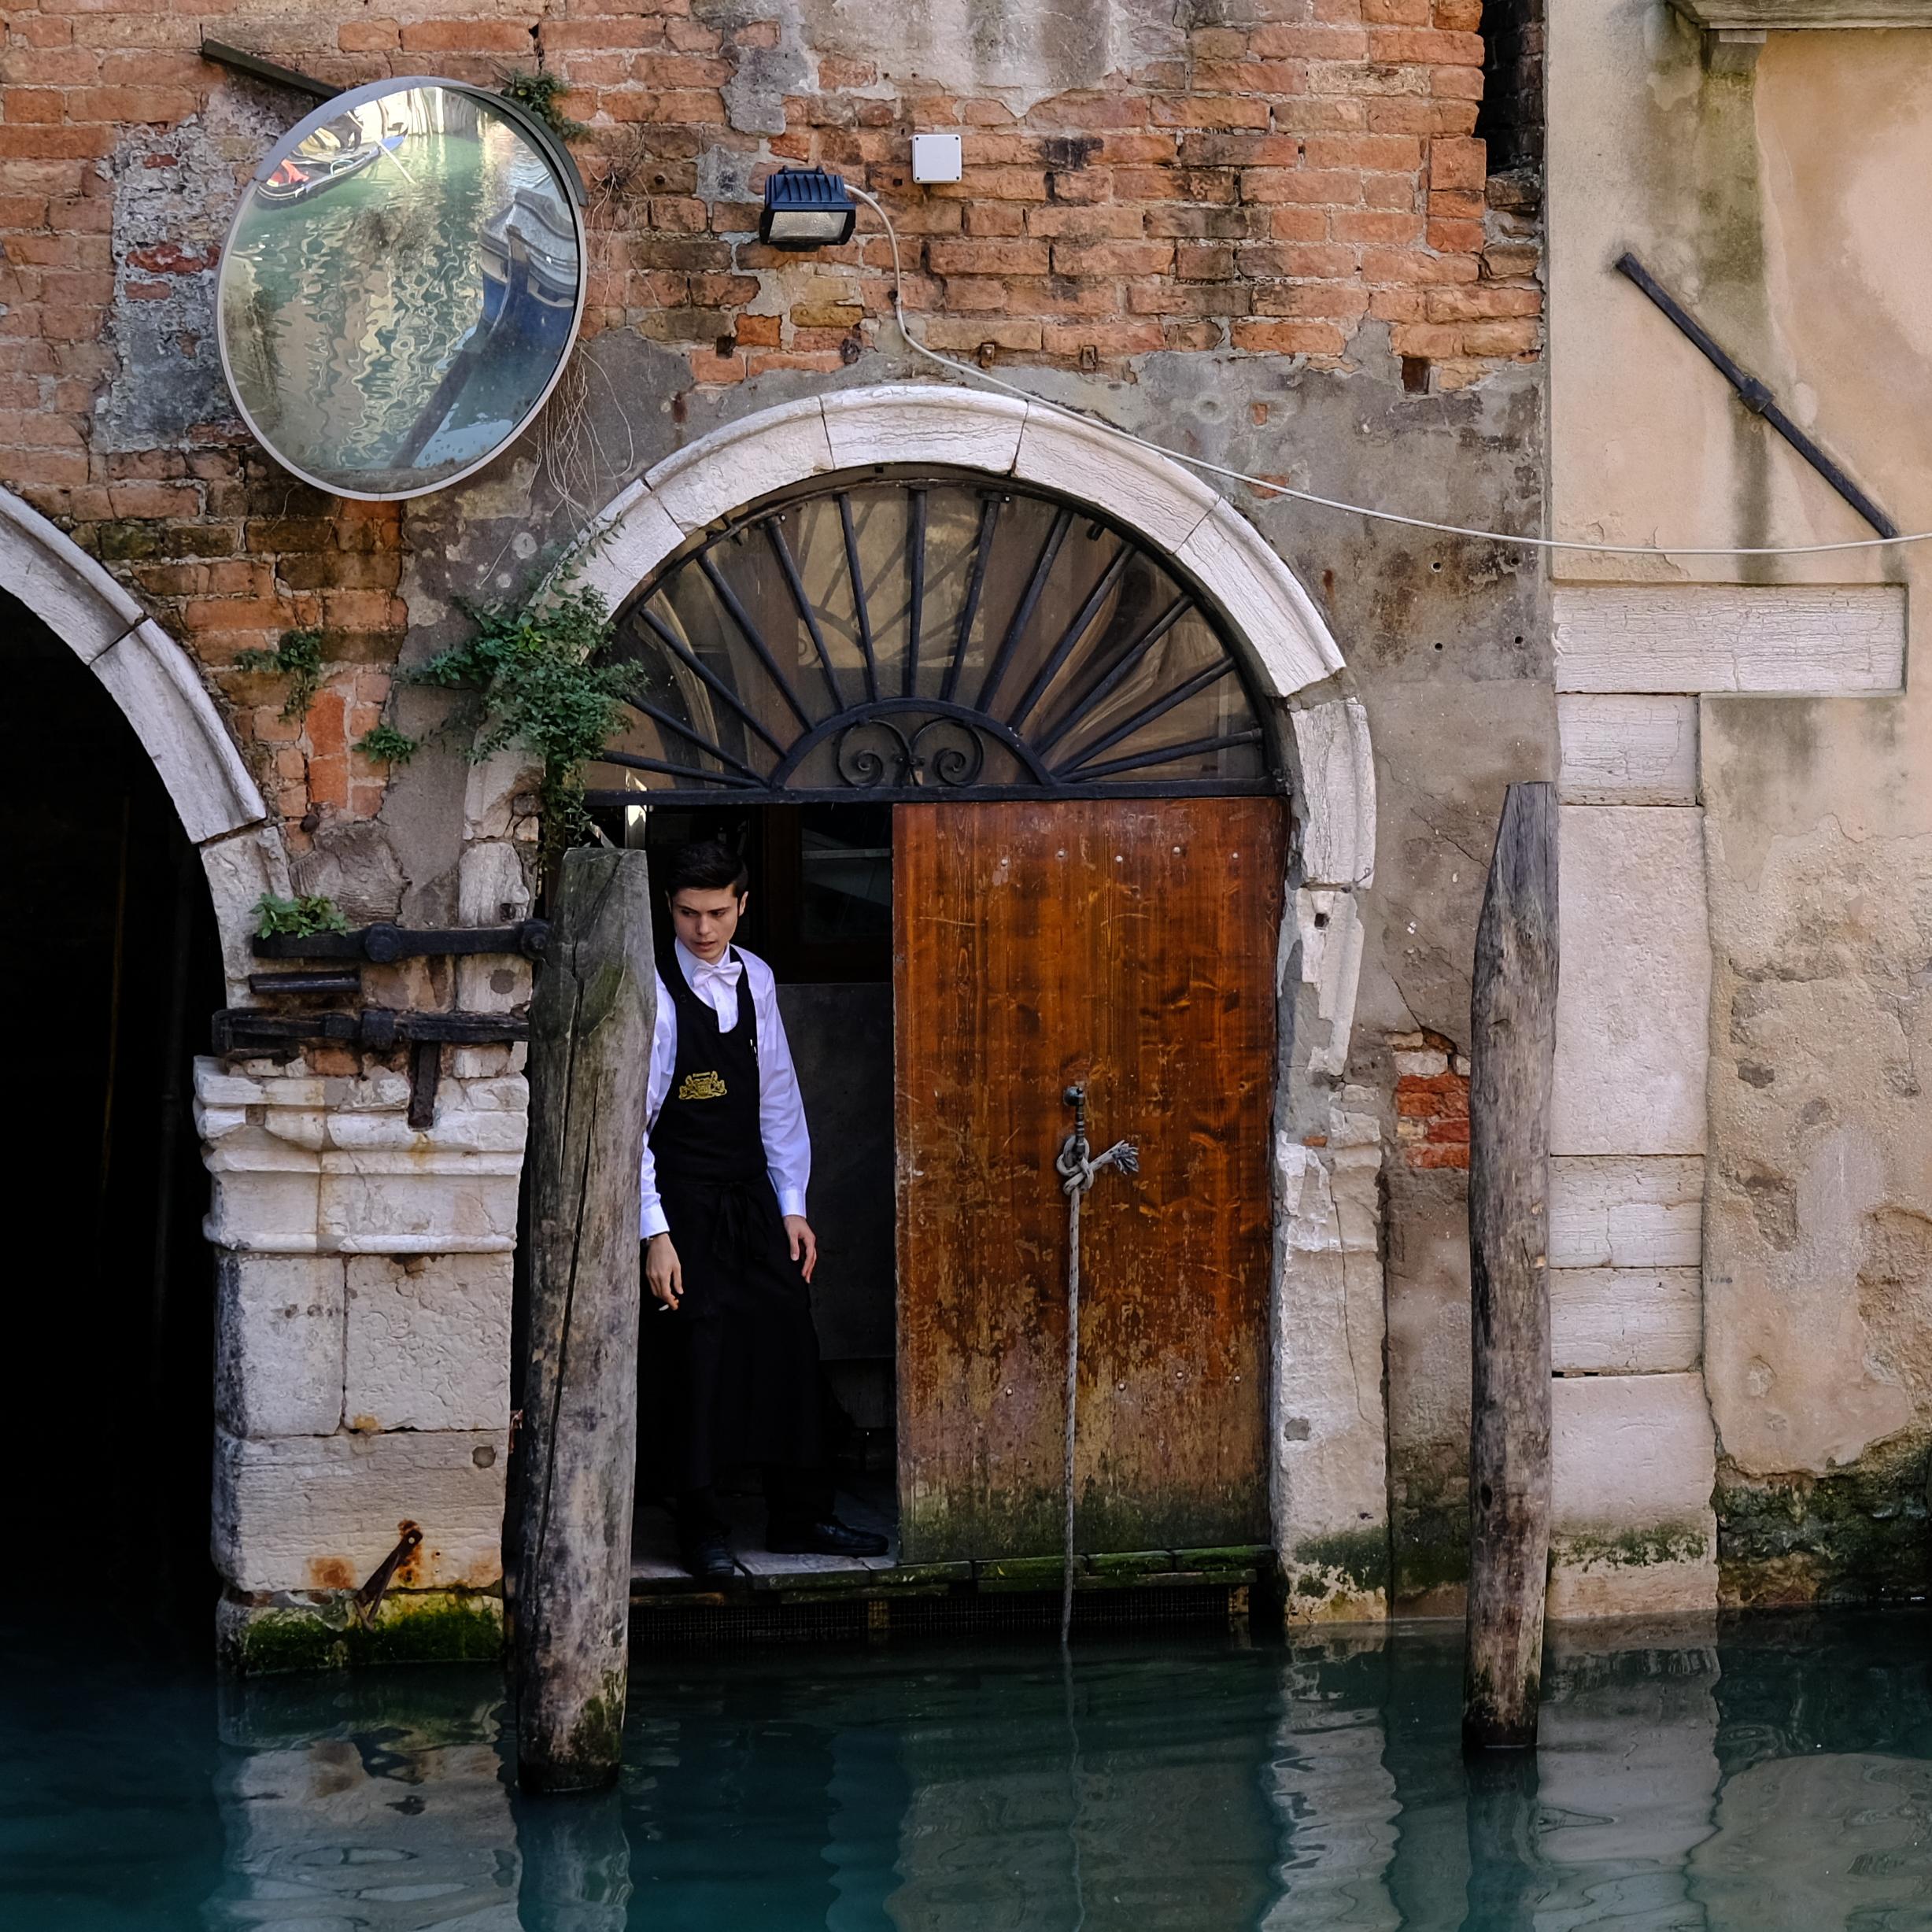 Venice, 9/7/2016 13:53:09